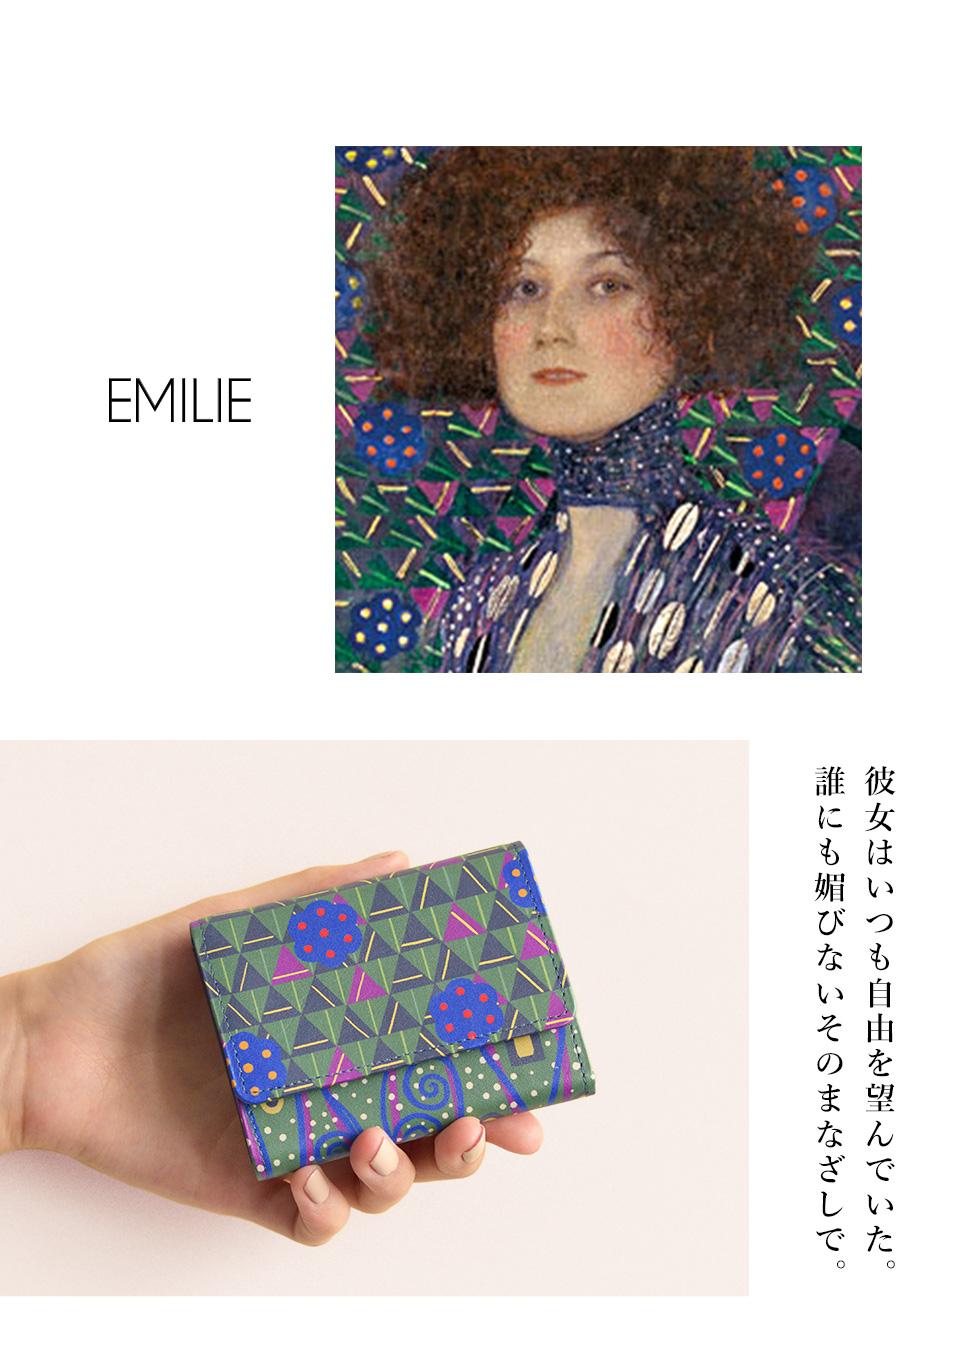 EMILIE 彼女はいつでも自由を望んでいた。女性的であり男性的でもある誰にも媚びないそのまなざしで。